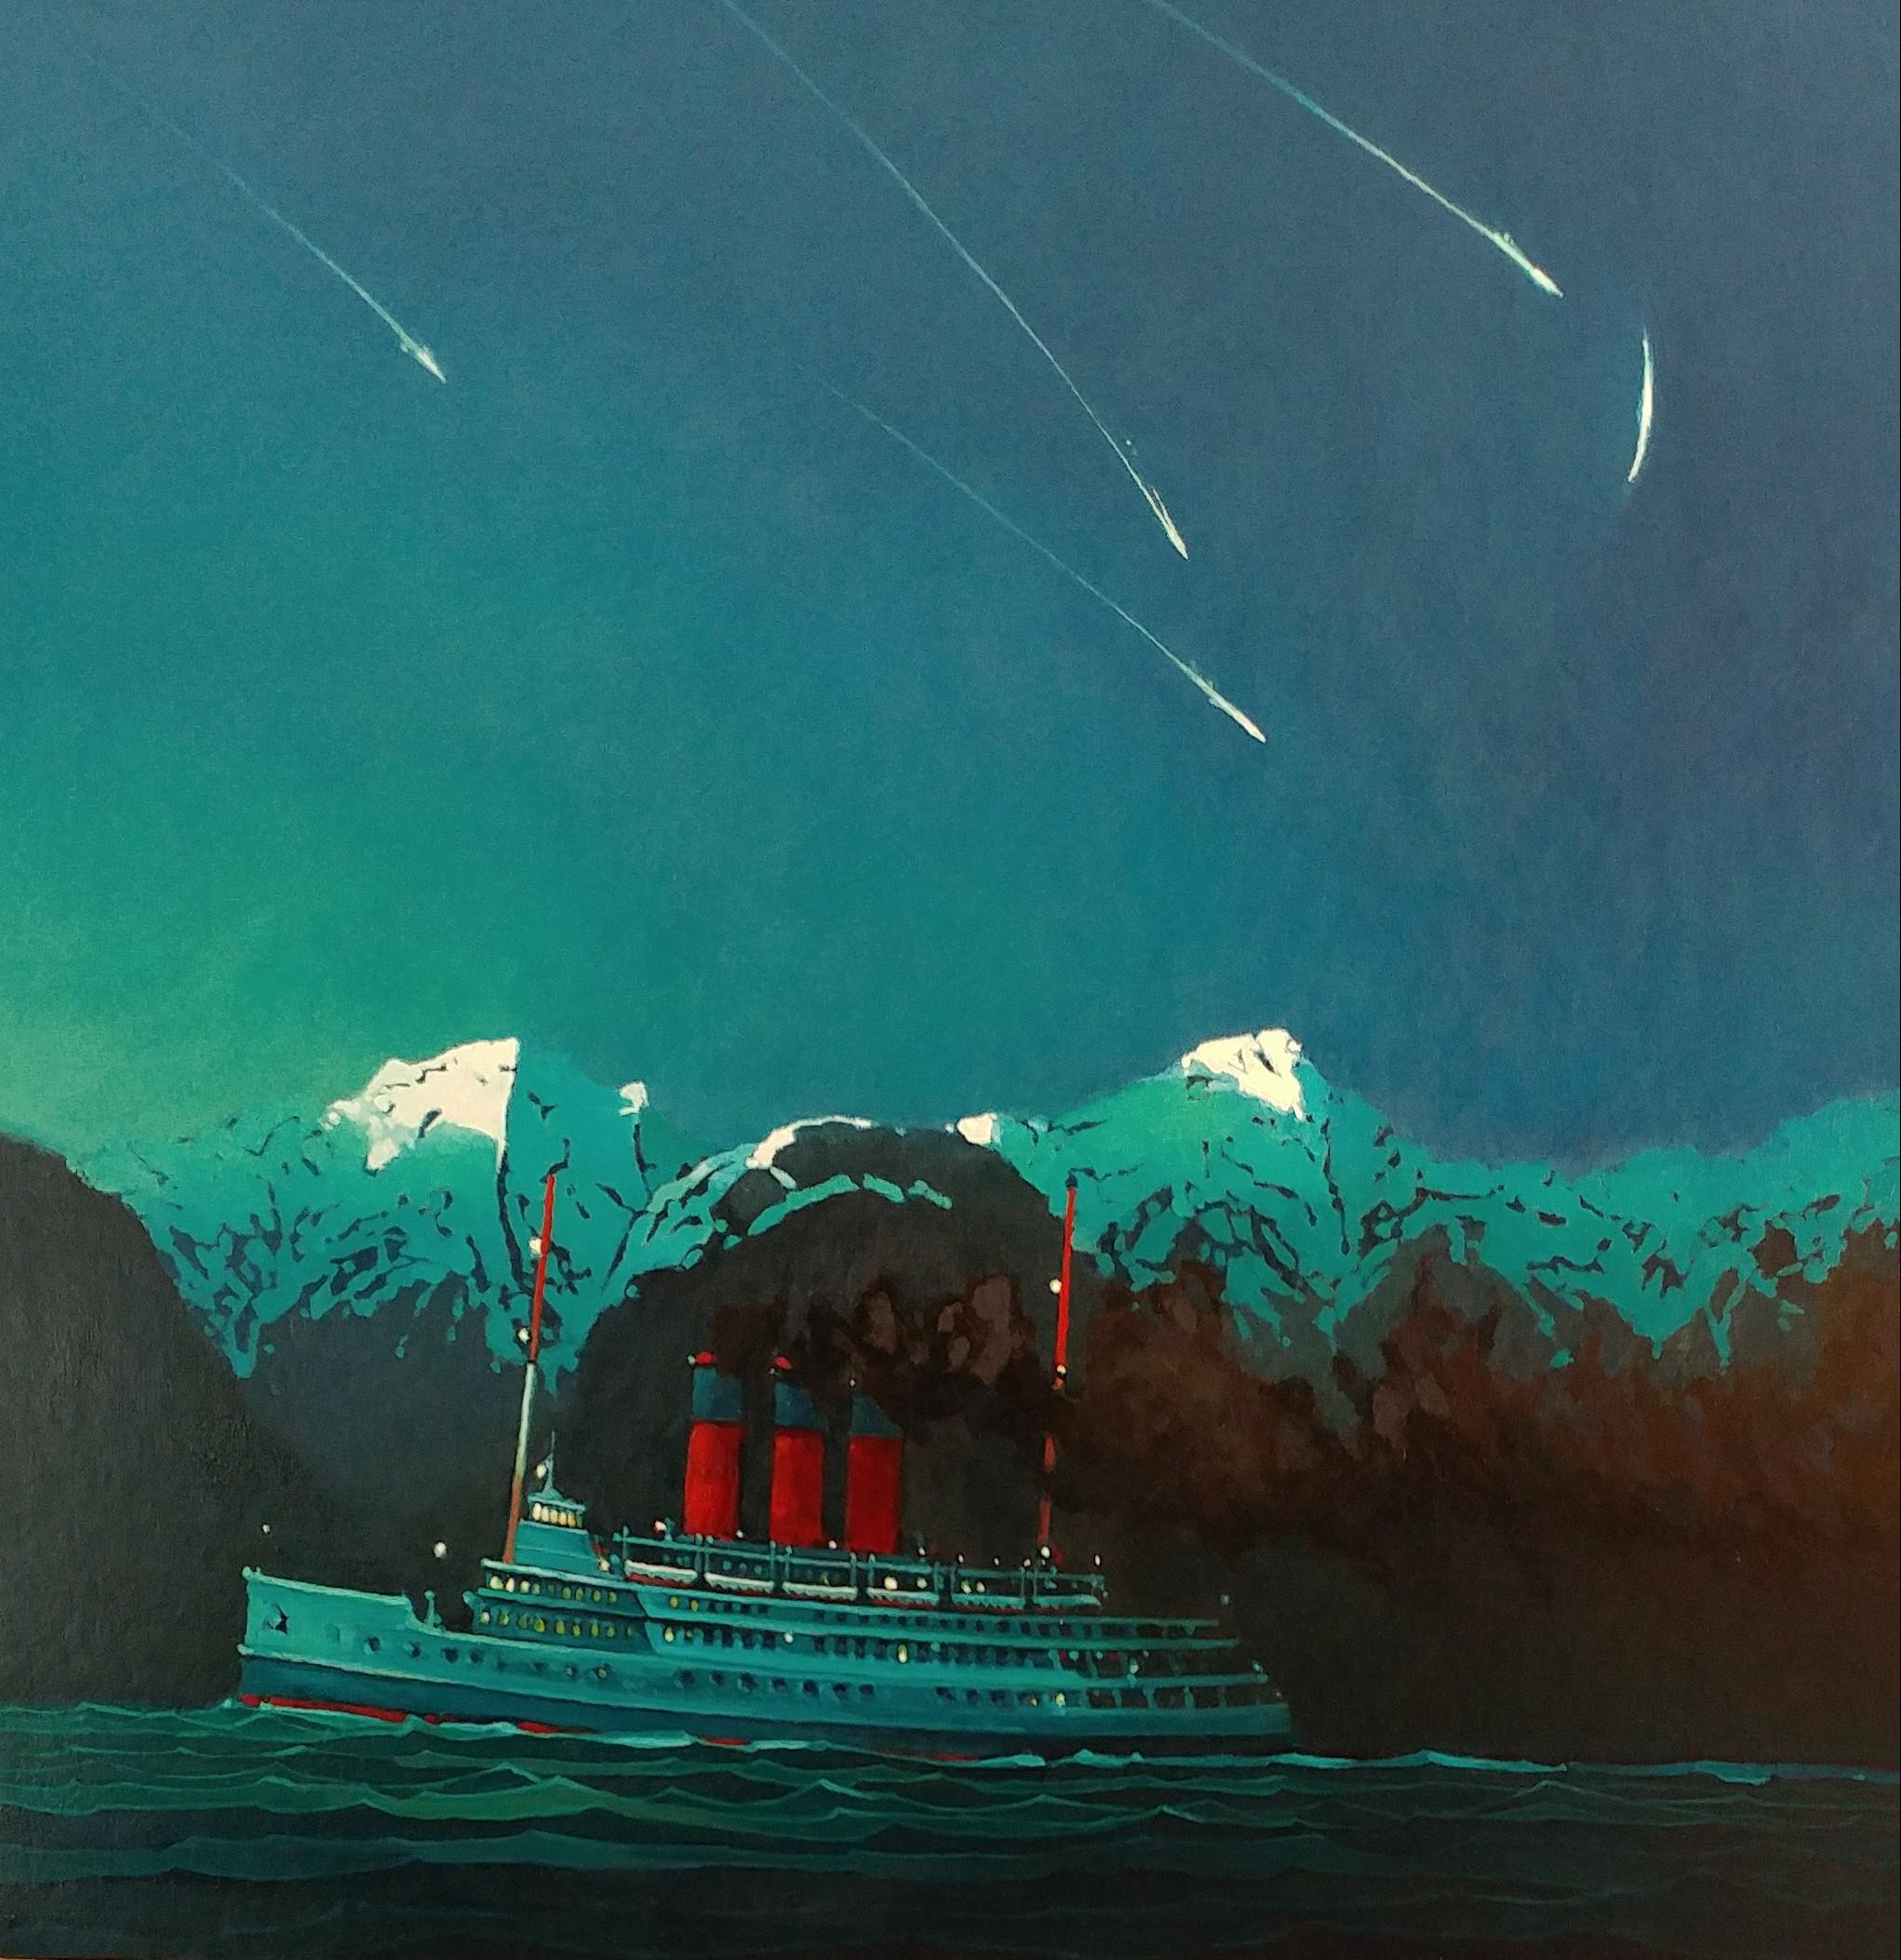 New works by Karen Lynn Kaiser and Marshall Hugh Kaiser - June 6th to 27th